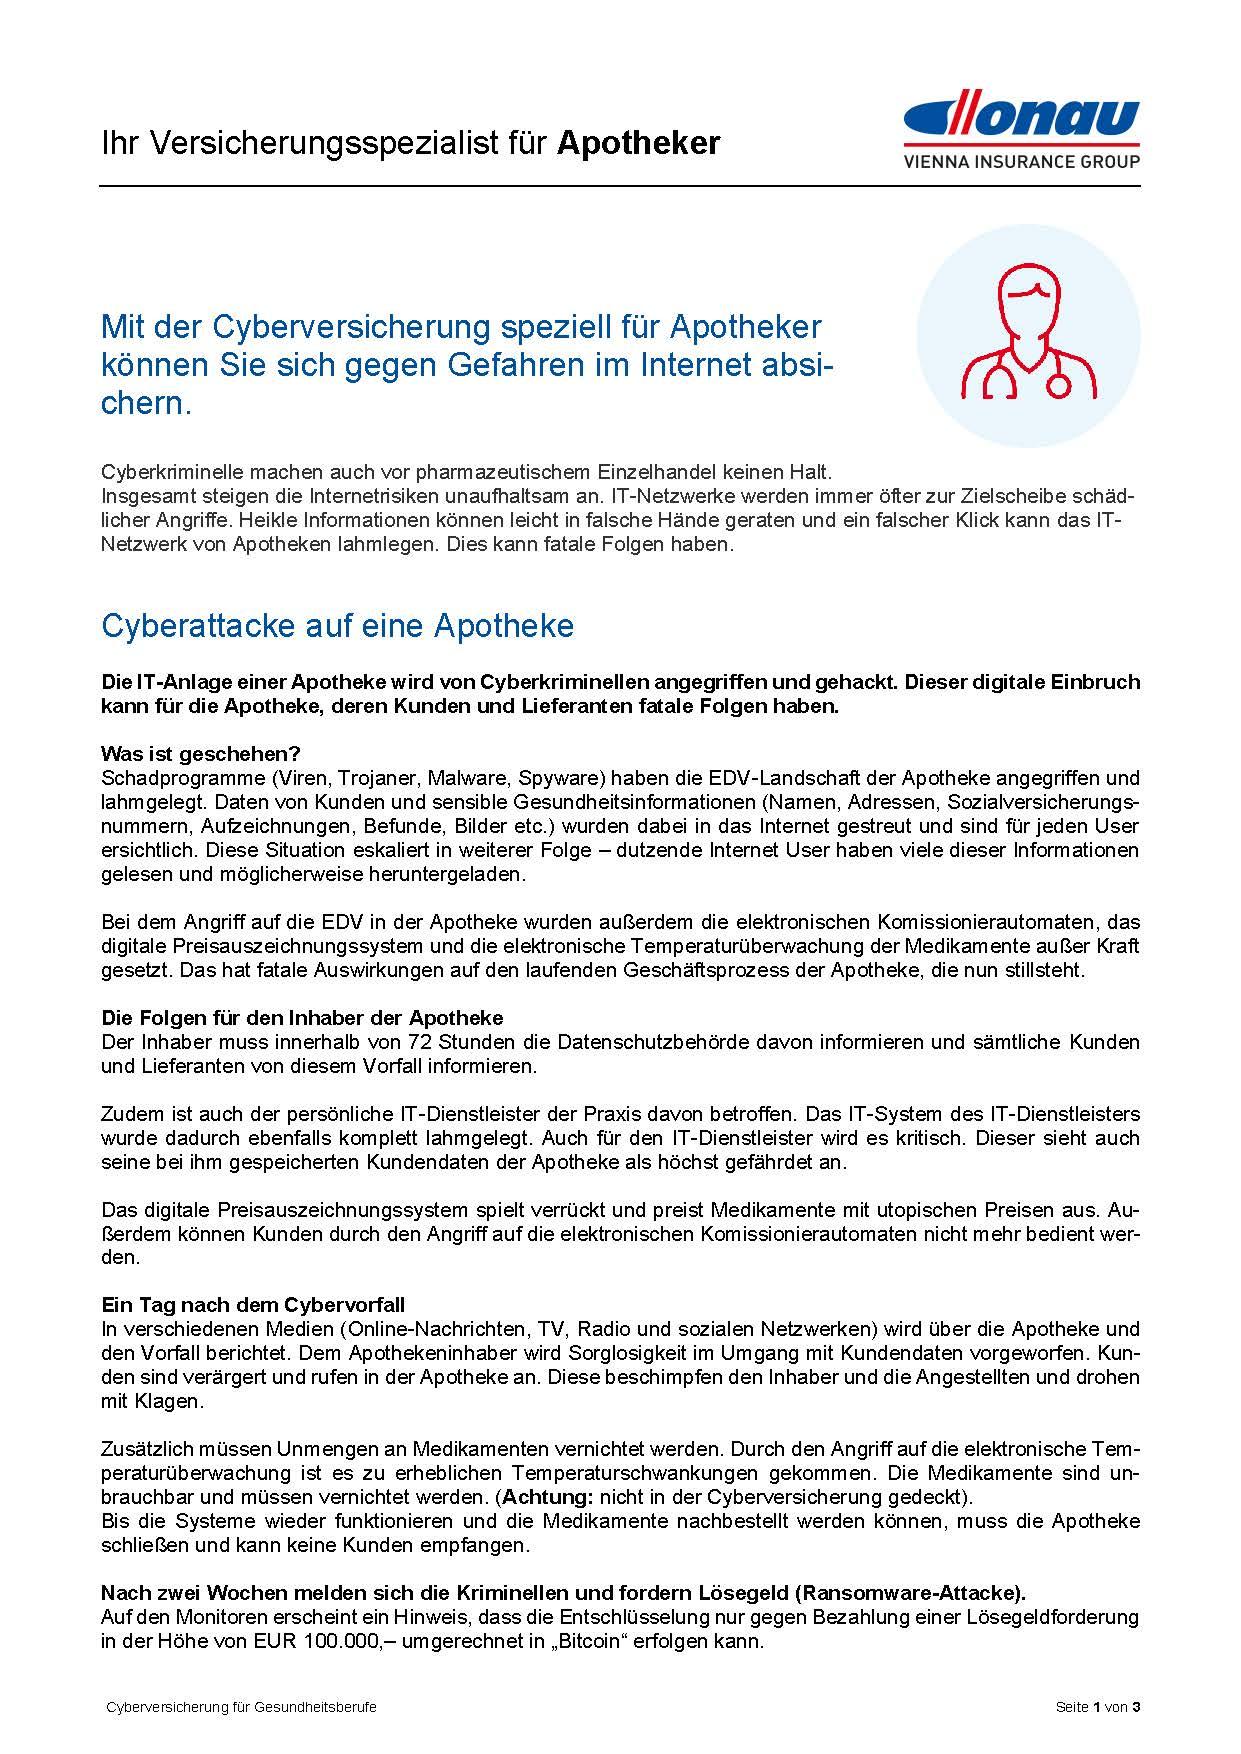 Cyberversicherung für Apotheken Infofolder 2021 1